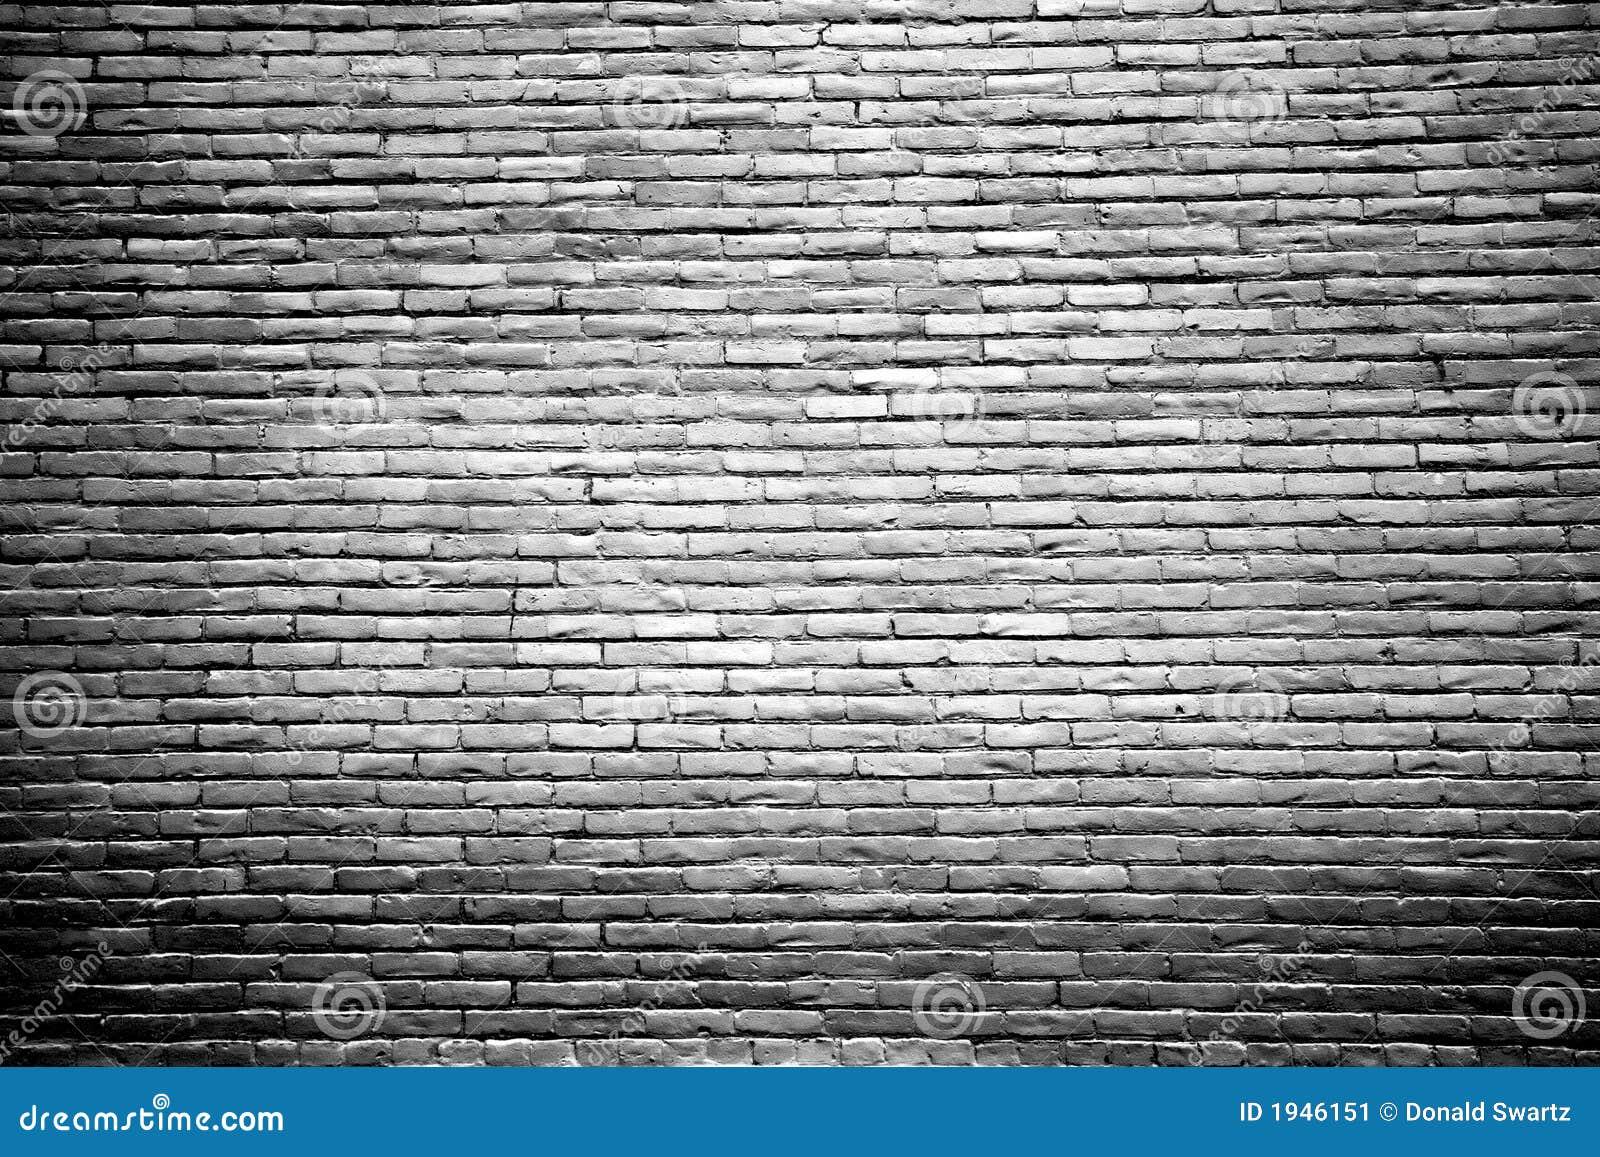 White Brickwork Texture